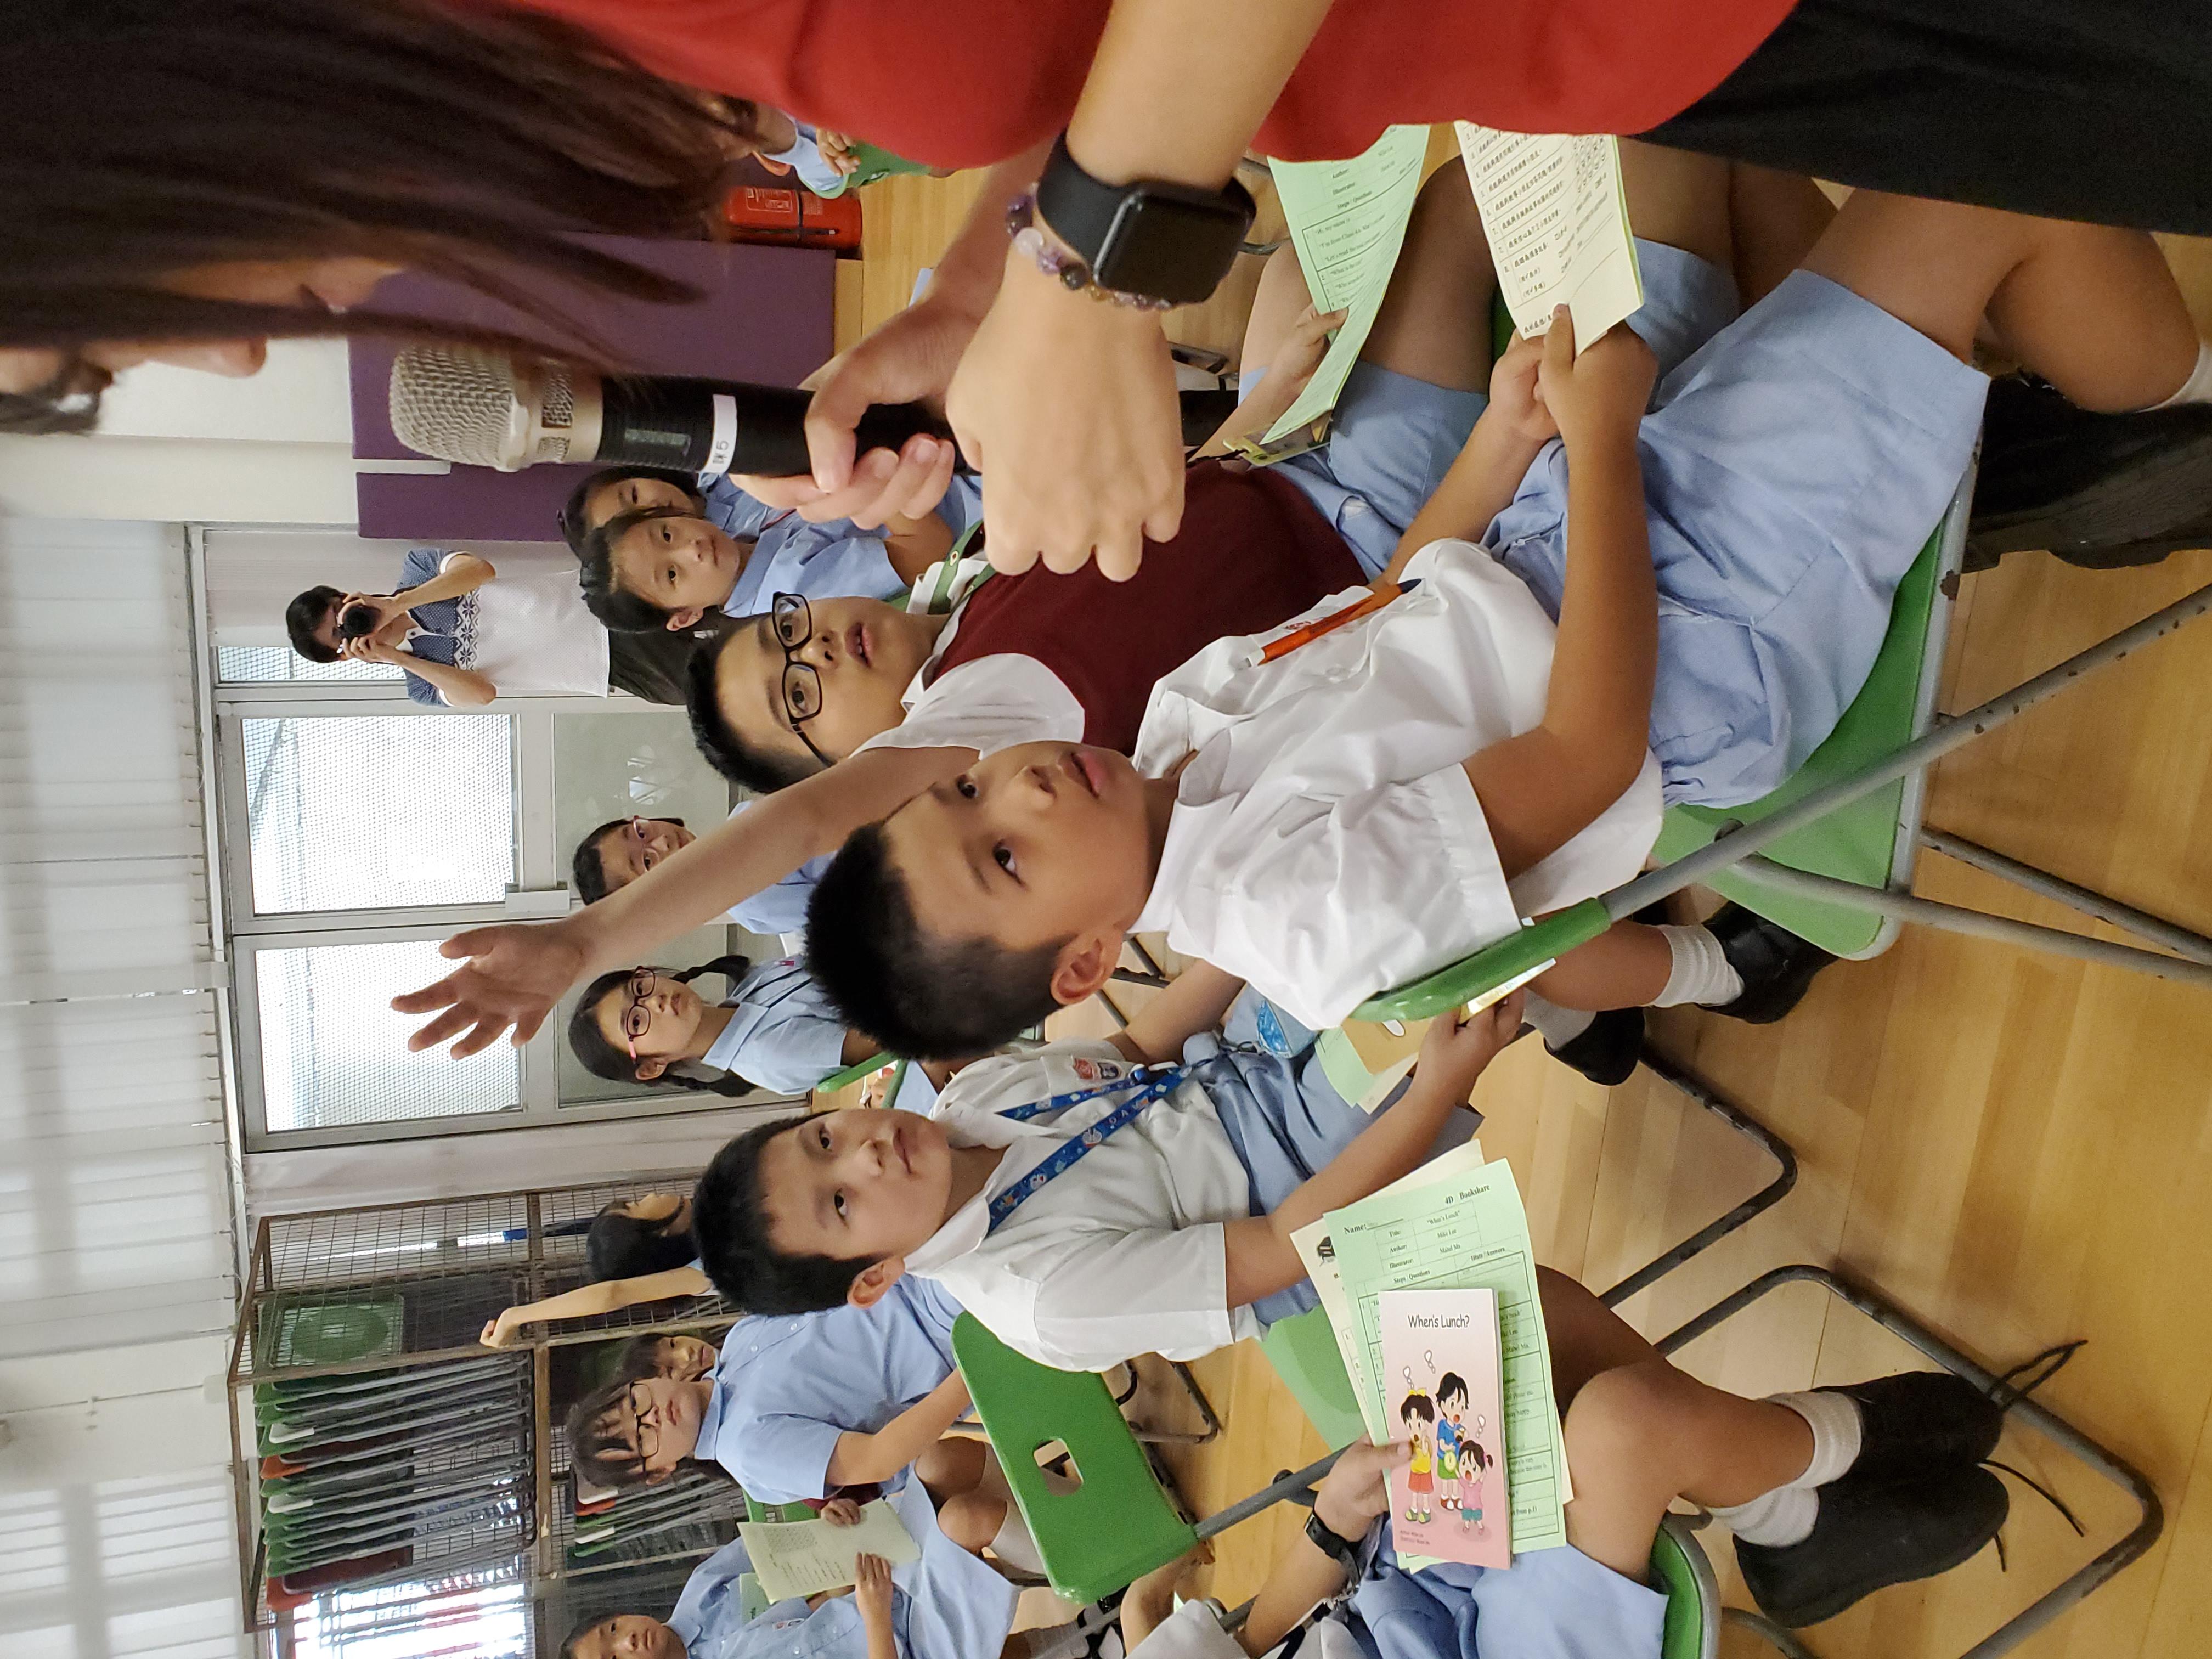 http://www.keiwan.edu.hk/sites/default/files/20191016_131656.jpg